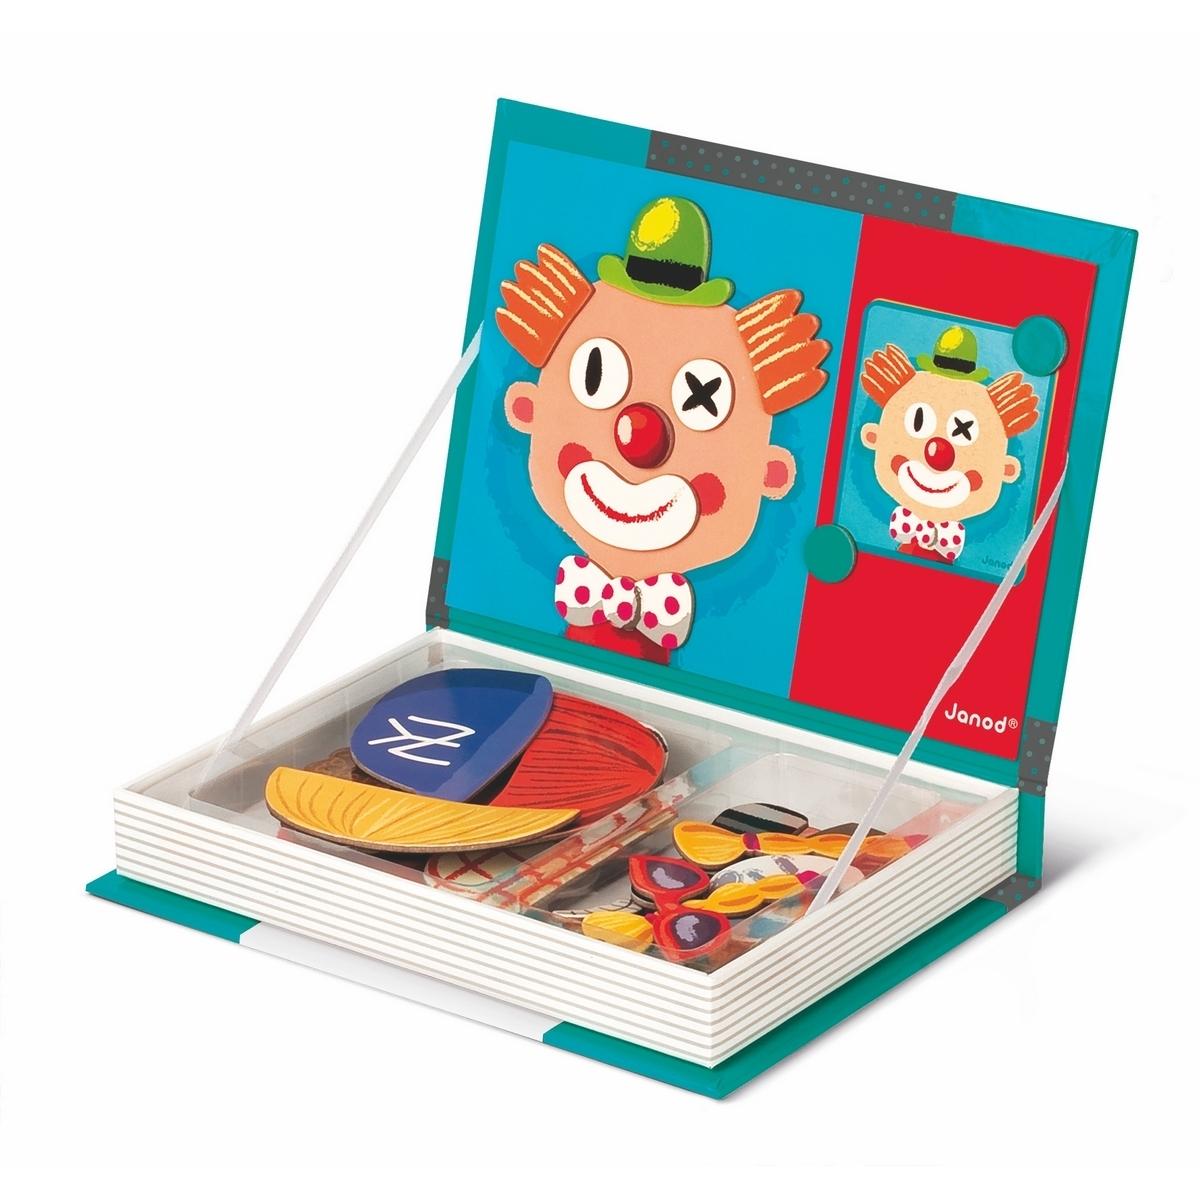 Книга магнитная Janod Смешные лица: 67 магнитов, 12 карточек<br>